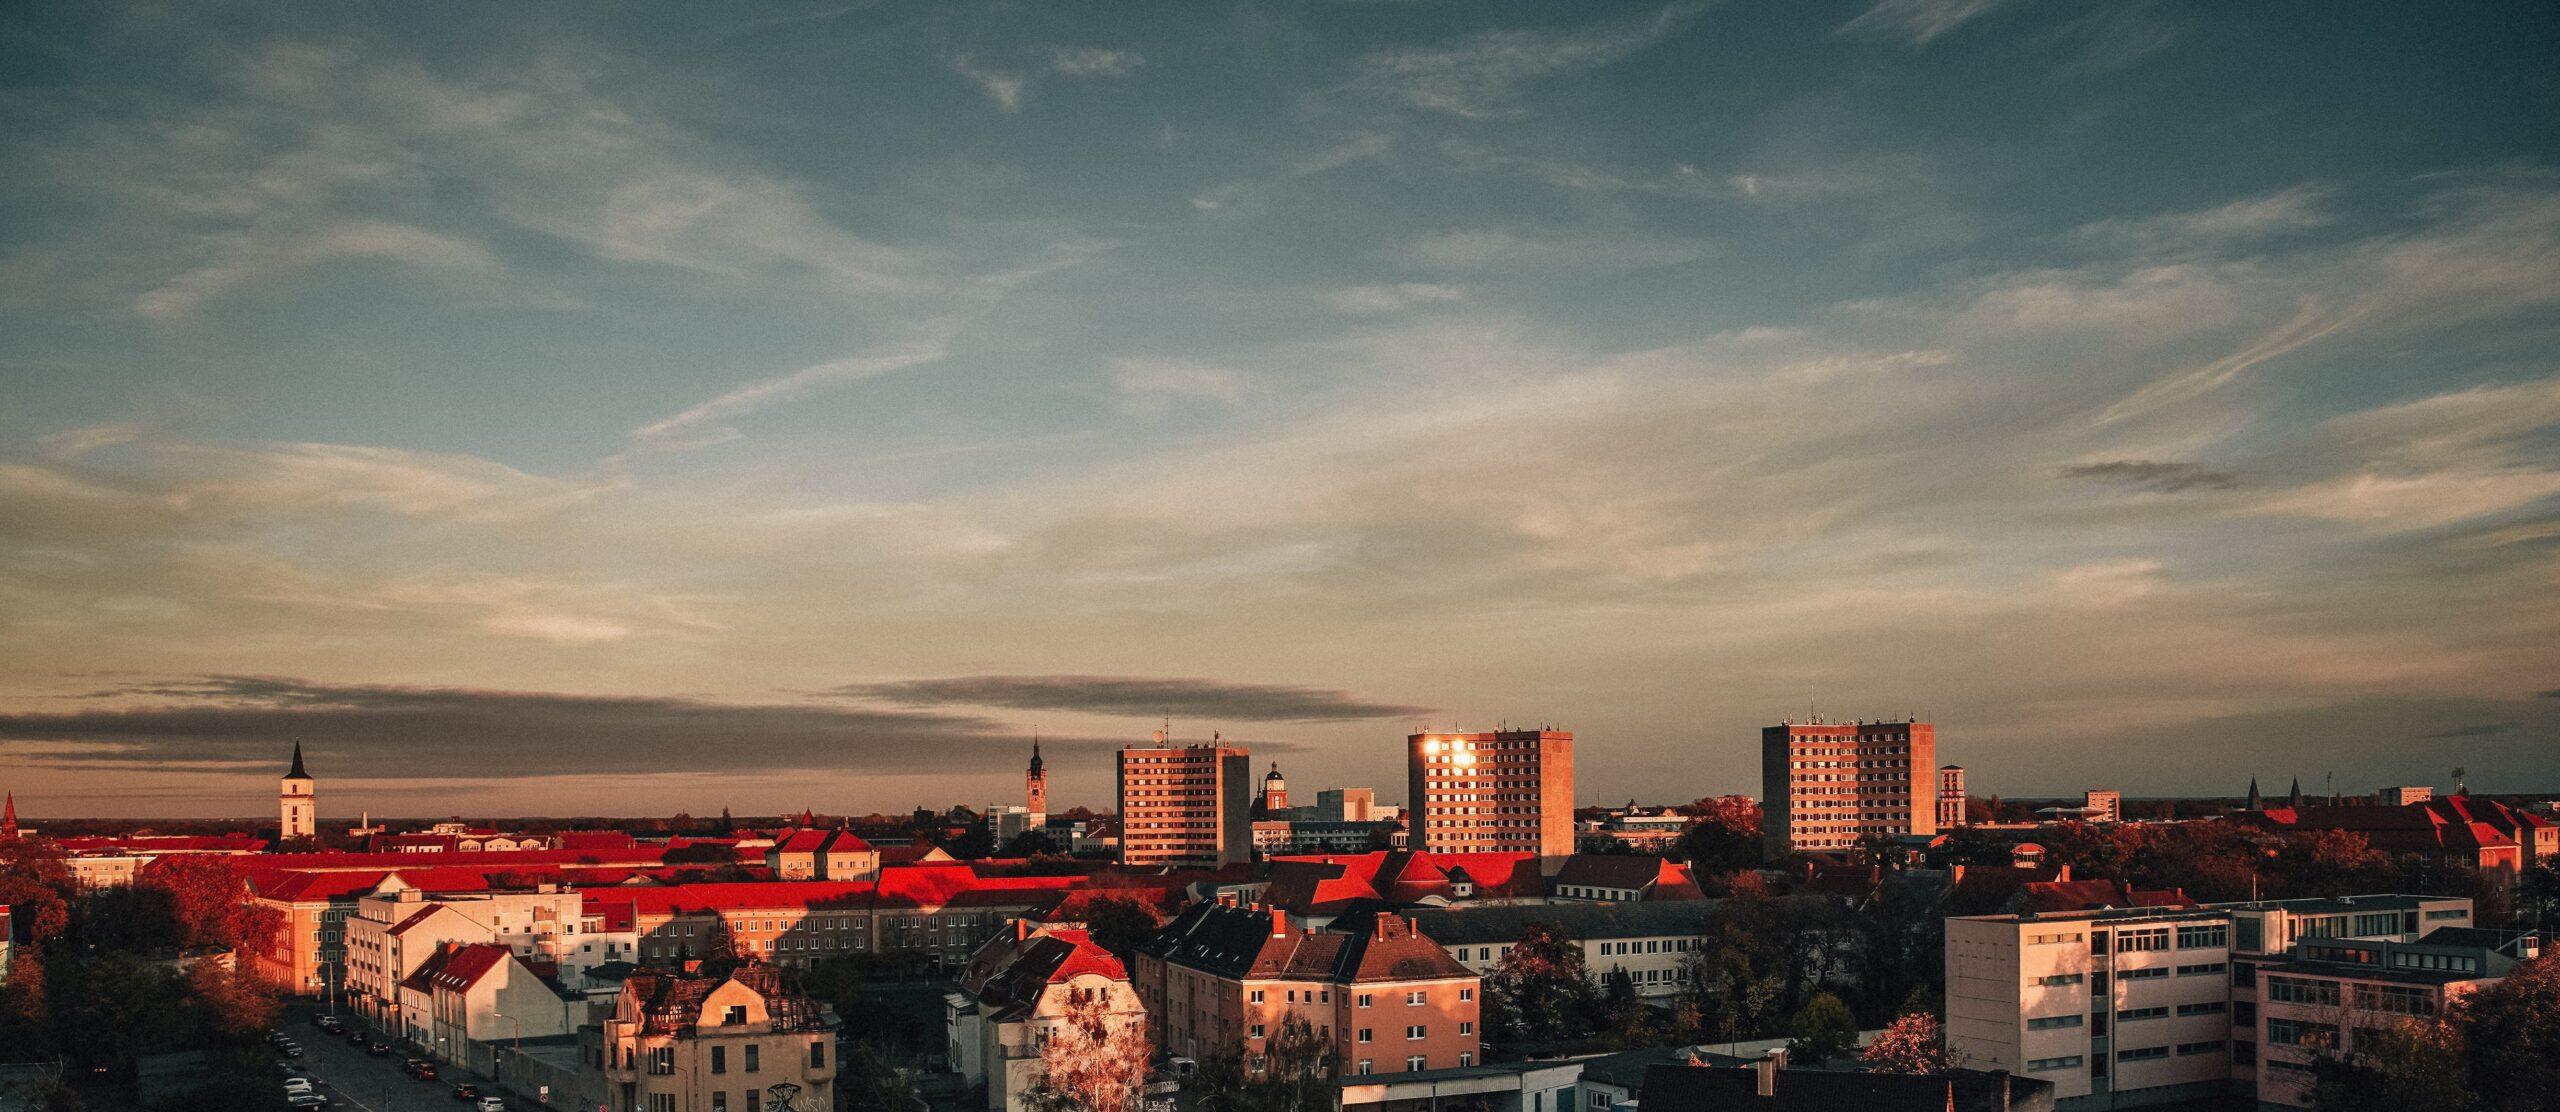 Stadtansicht Dessau im Abendrot